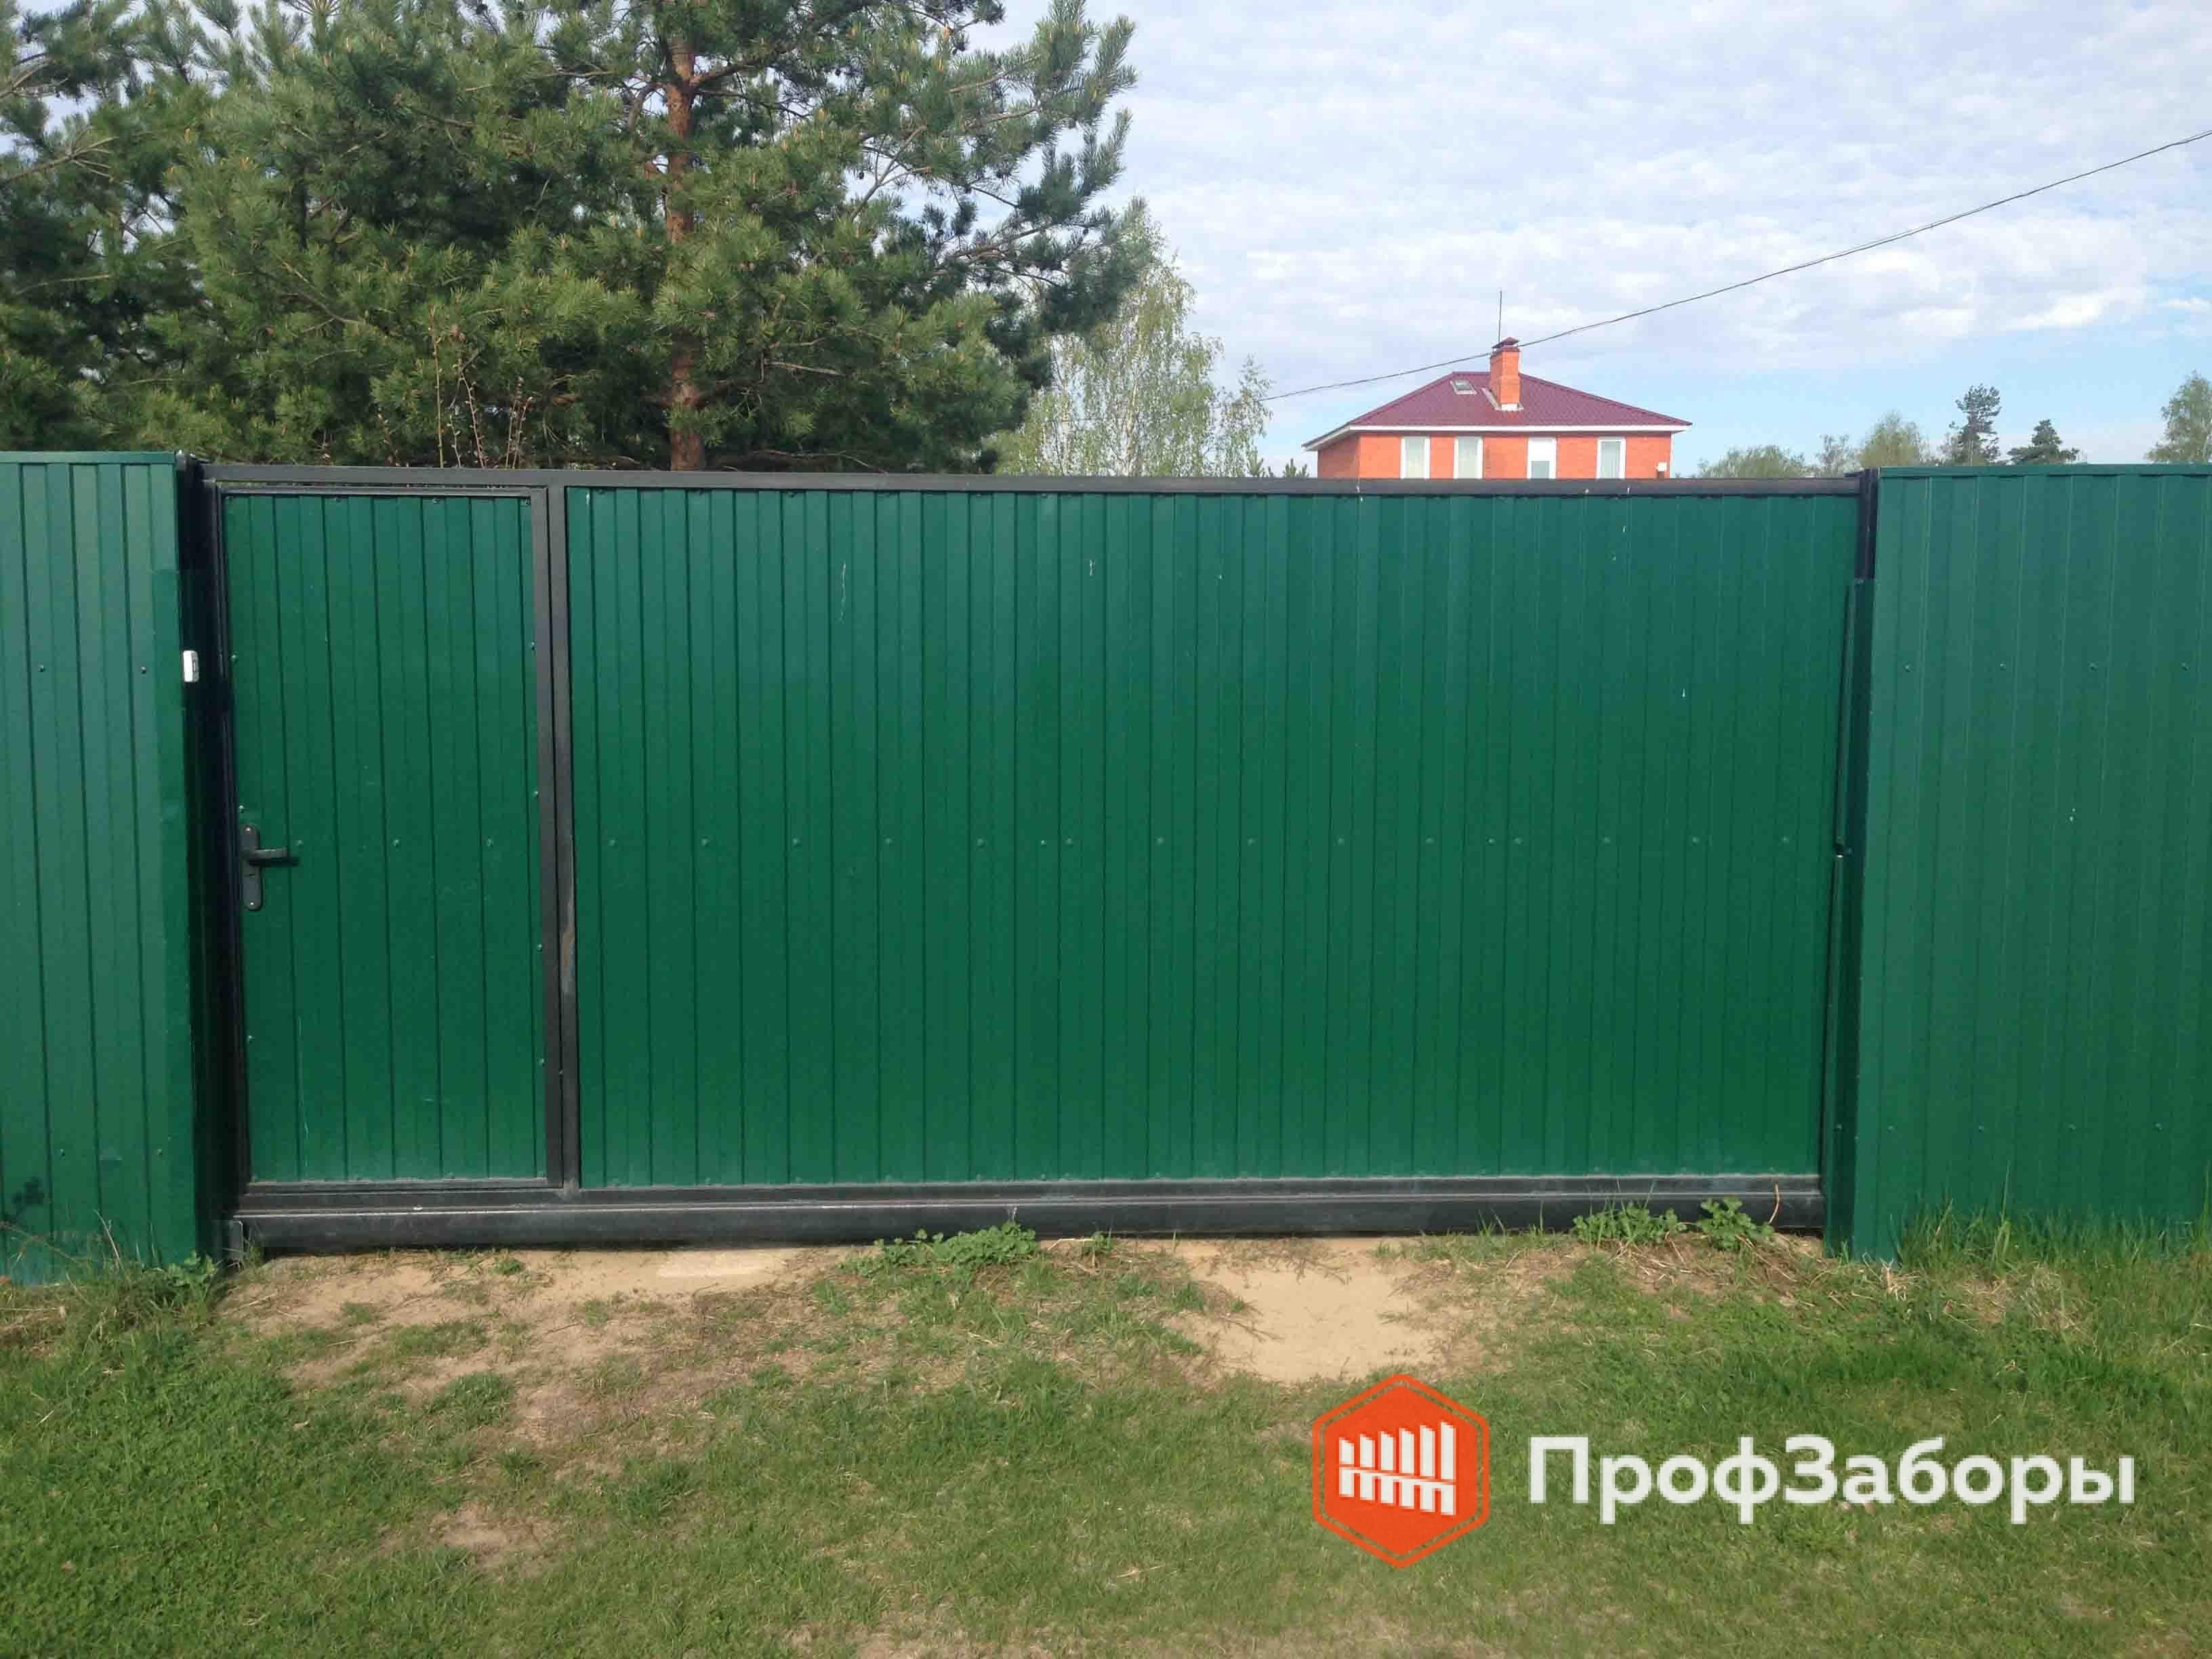 Заборы Из профнастила  - Щелковский район. Фото 2